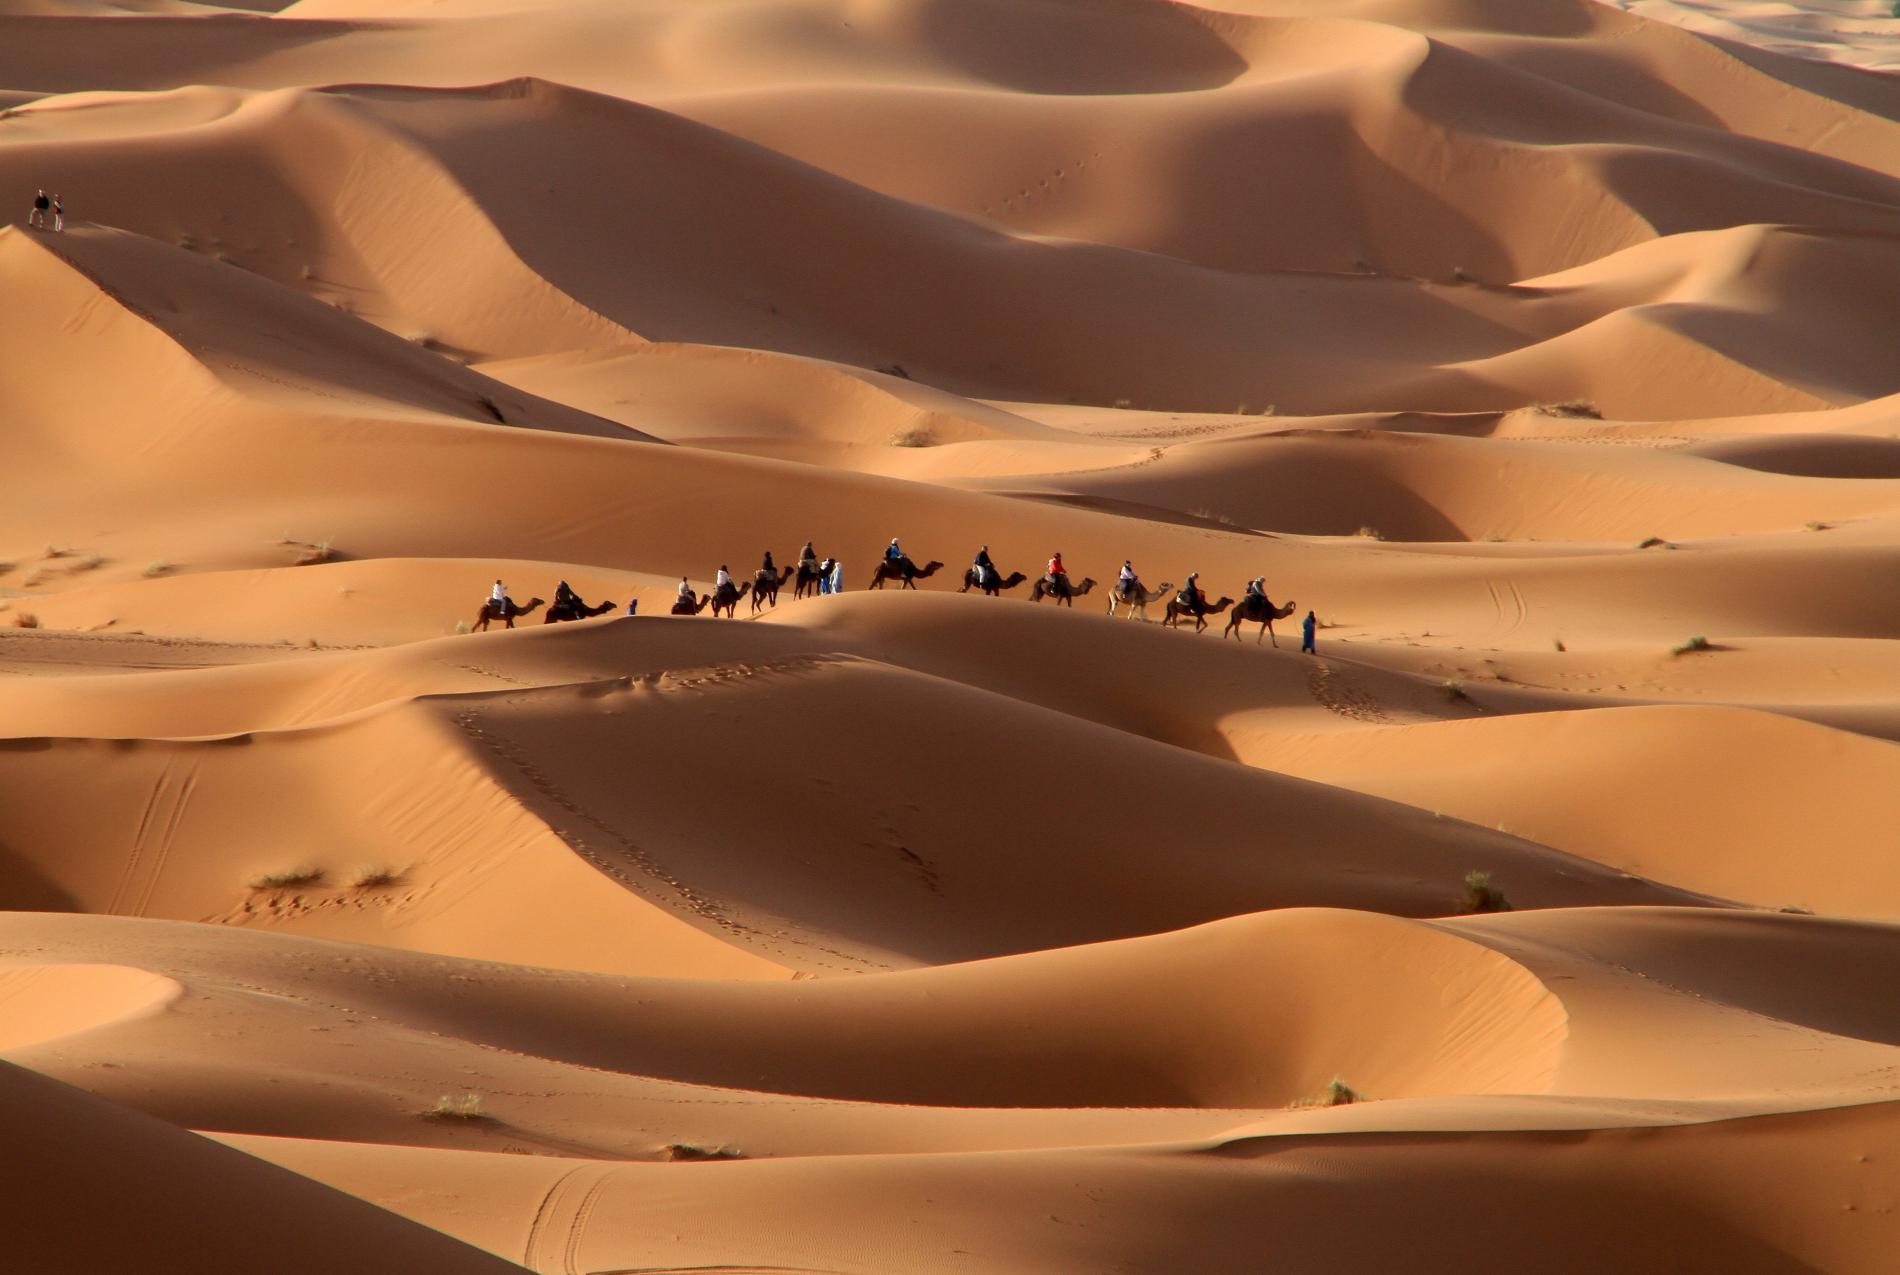 Voyage solidaire Maroc : Vision du Monde - Photo 2